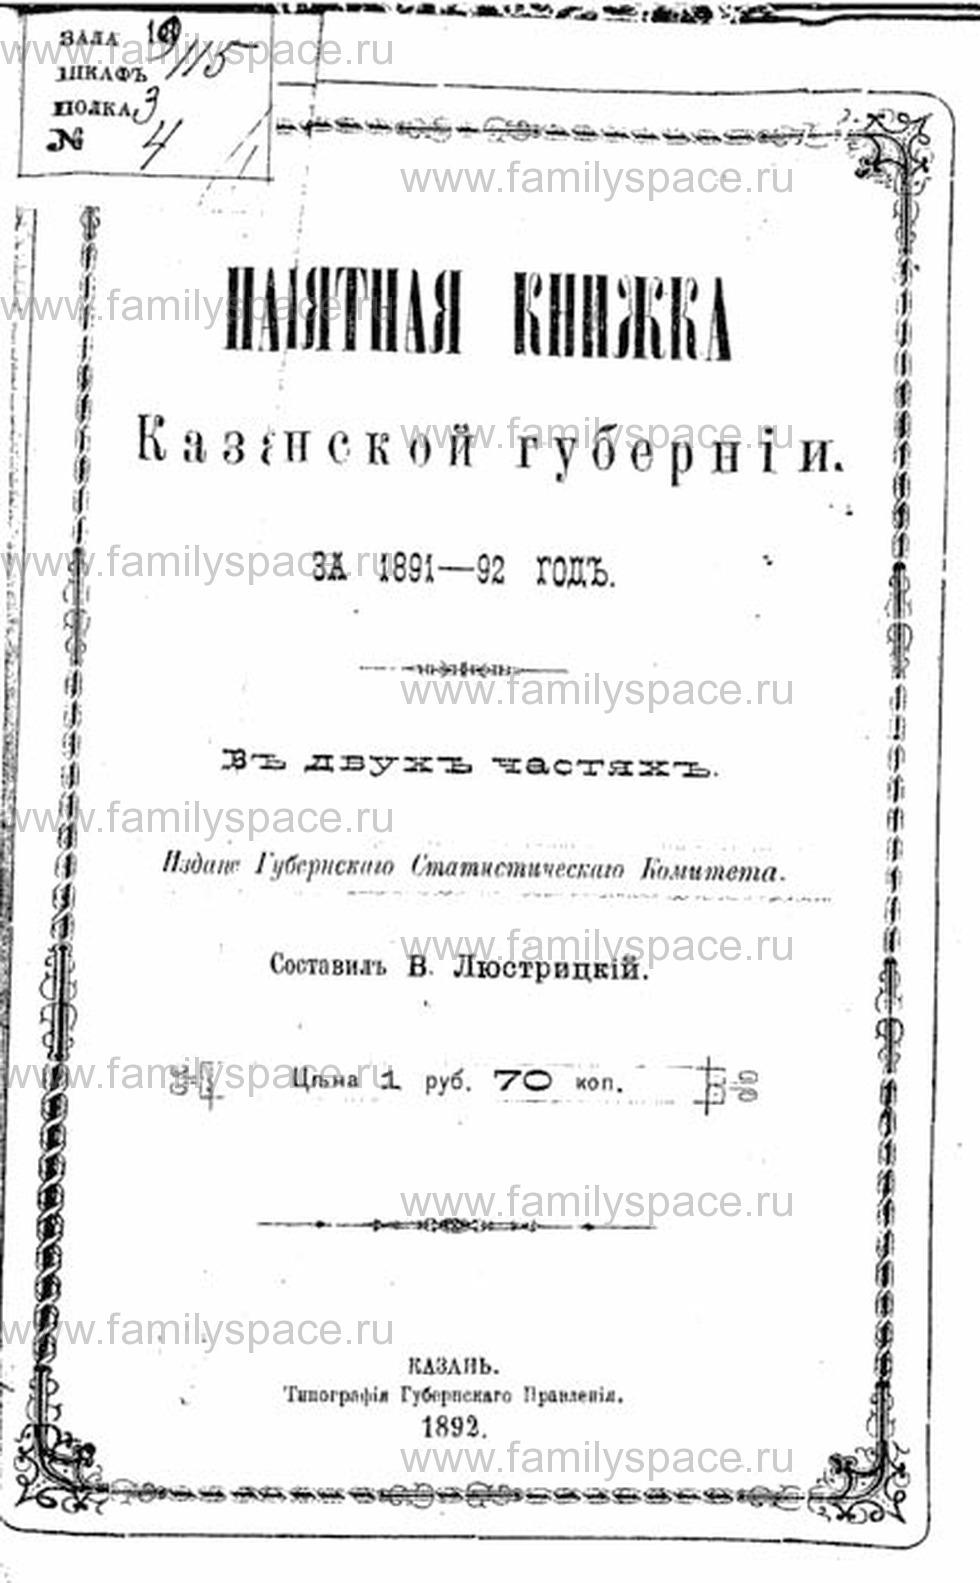 Поиск по фамилии - Памятная книжка Казанской губернии на 1891-92 гг., страница 1